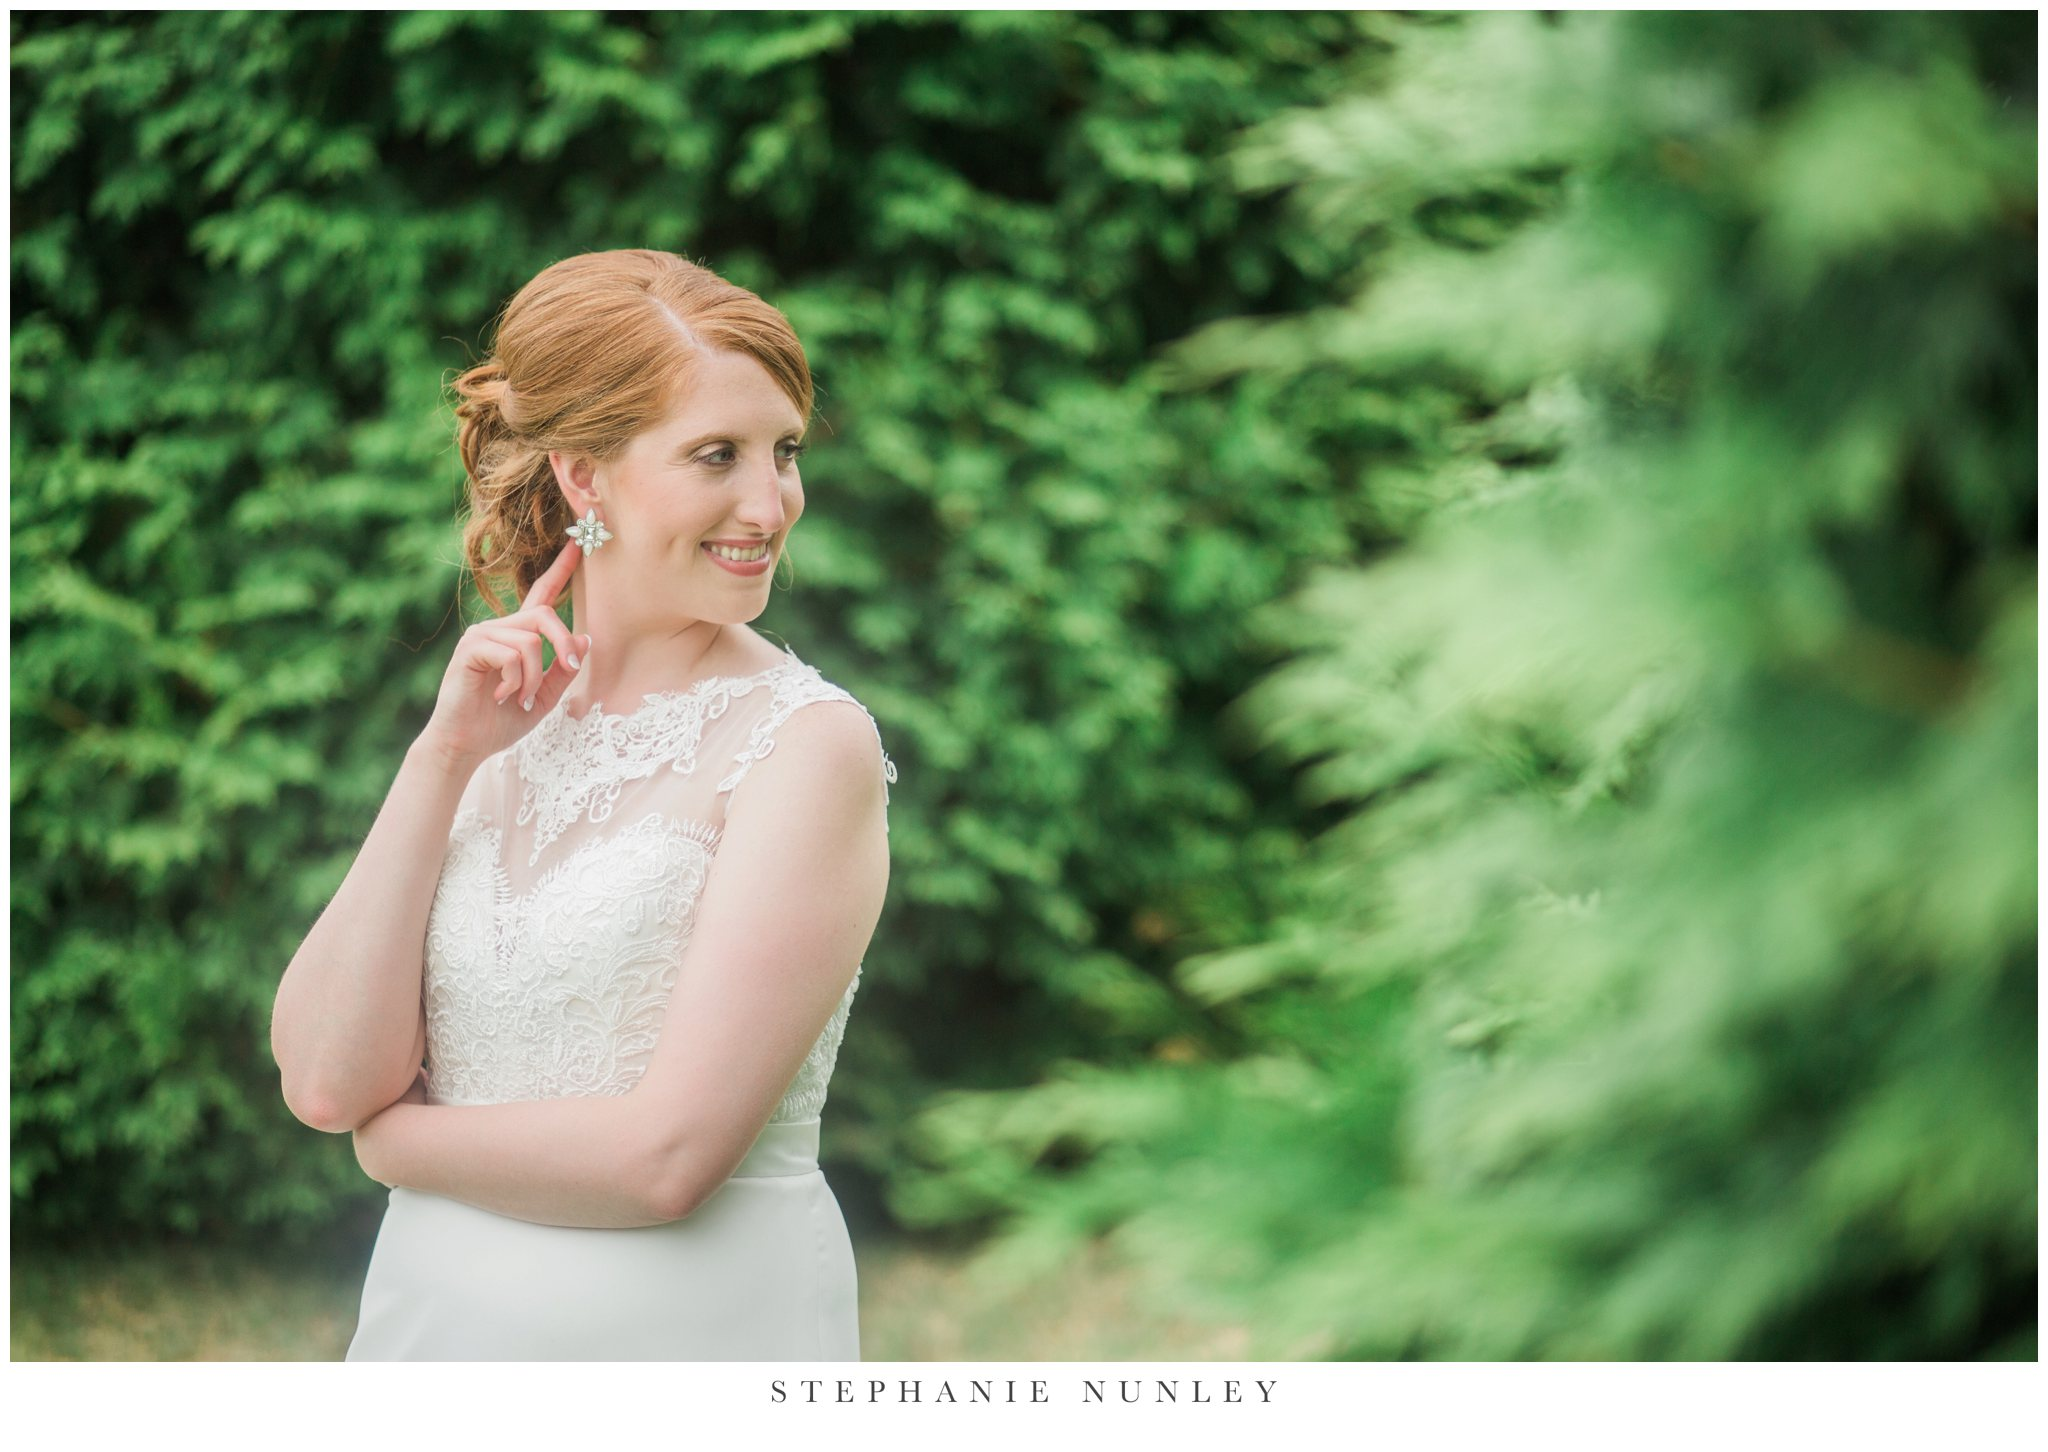 clinton-library-bridal-photos-01.jpg